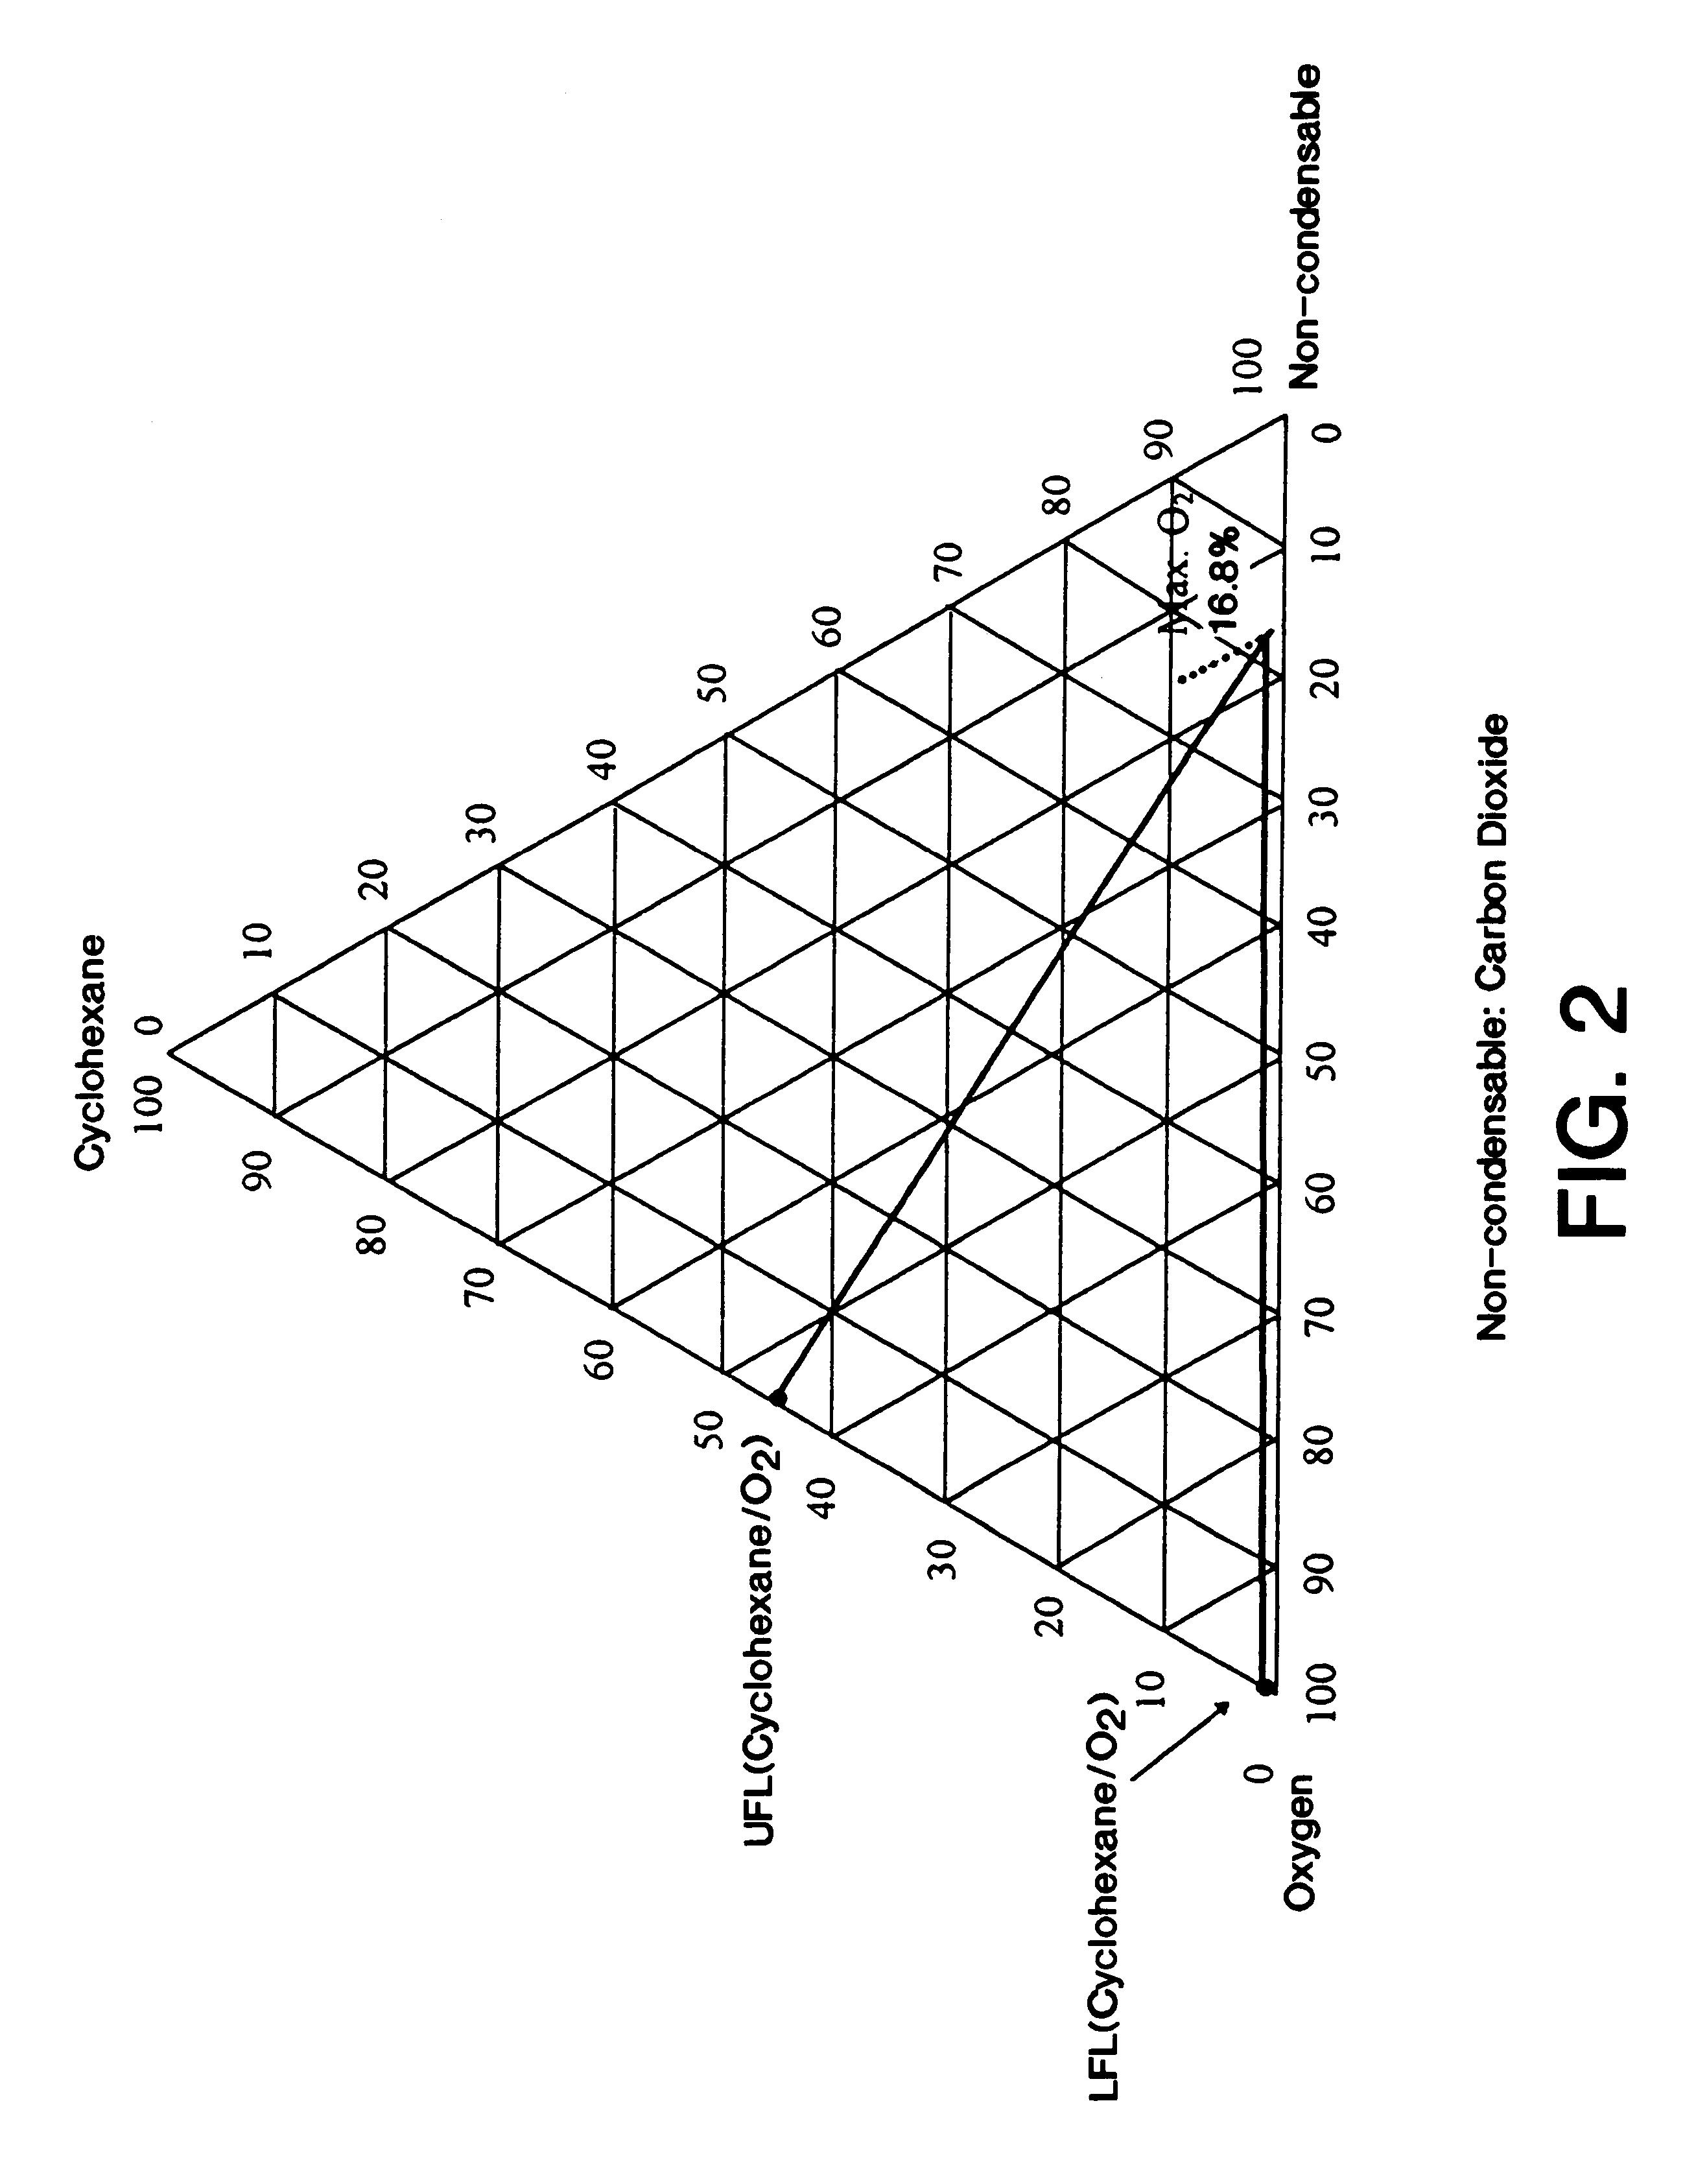 patent us6215027